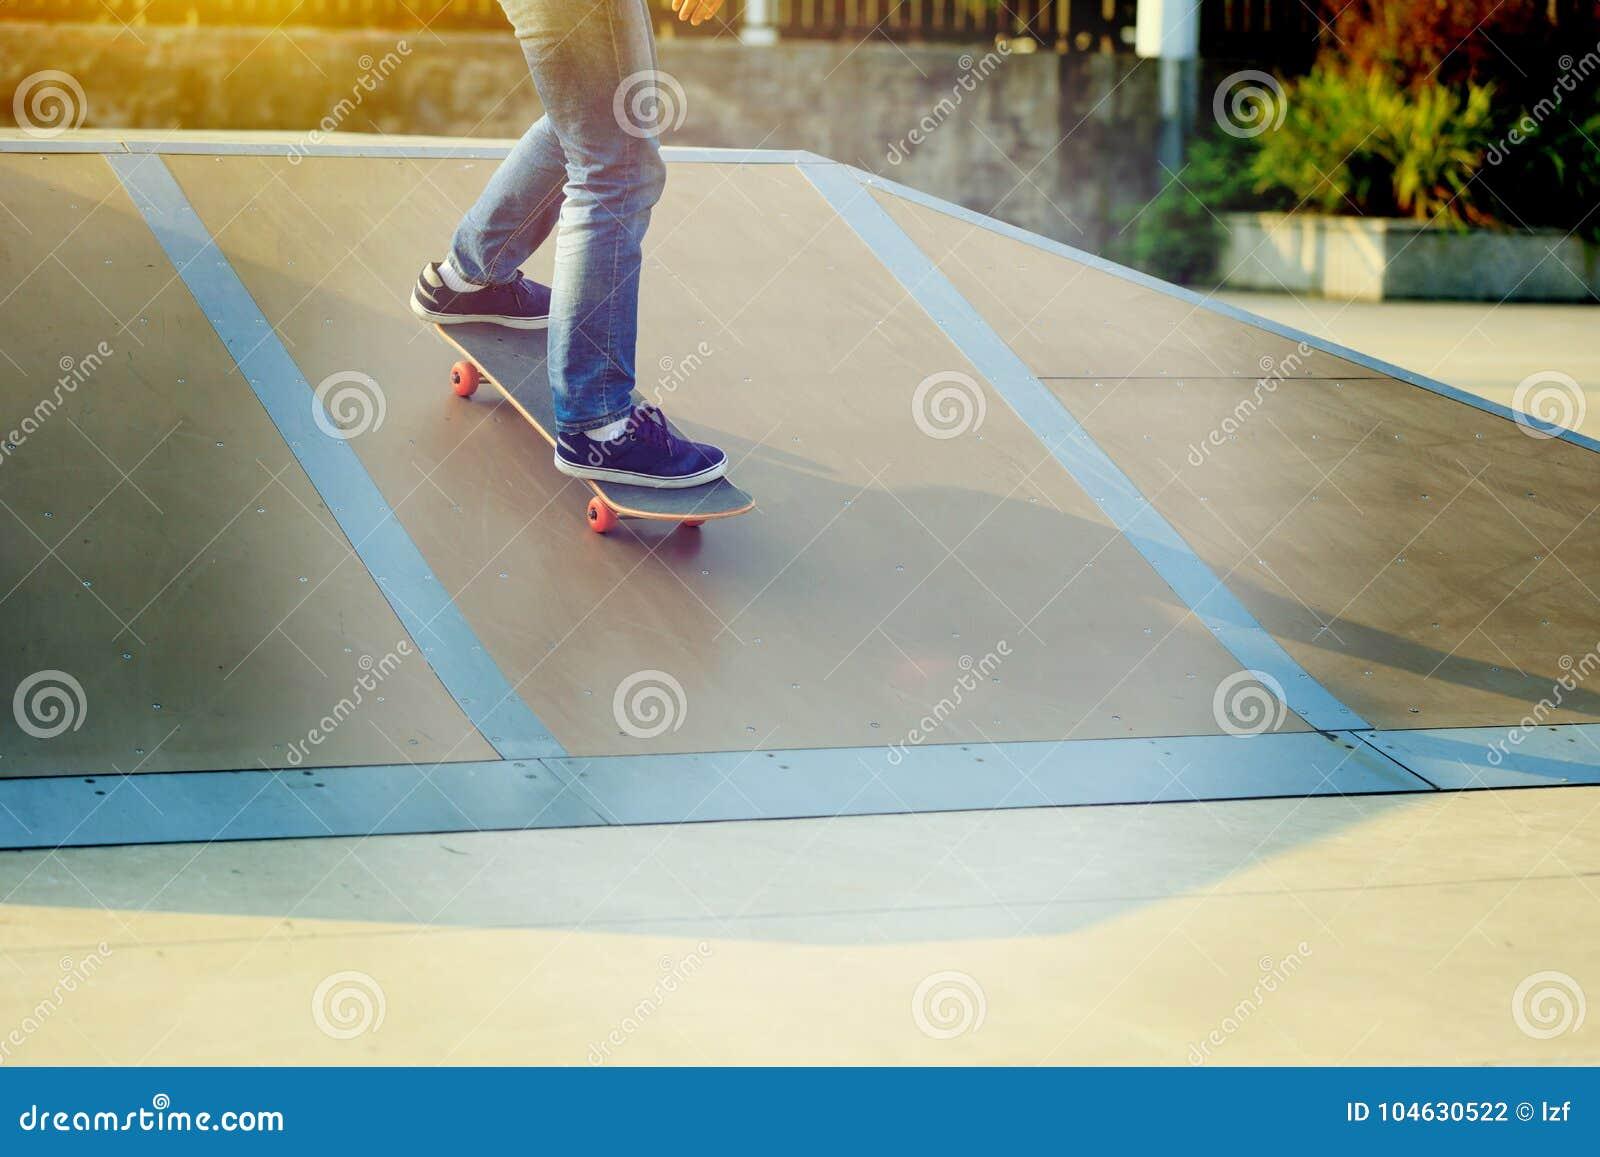 Download Skateboarderbenen Het Met Een Skateboard Rijden Stock Foto - Afbeelding bestaande uit praktijk, oefening: 104630522